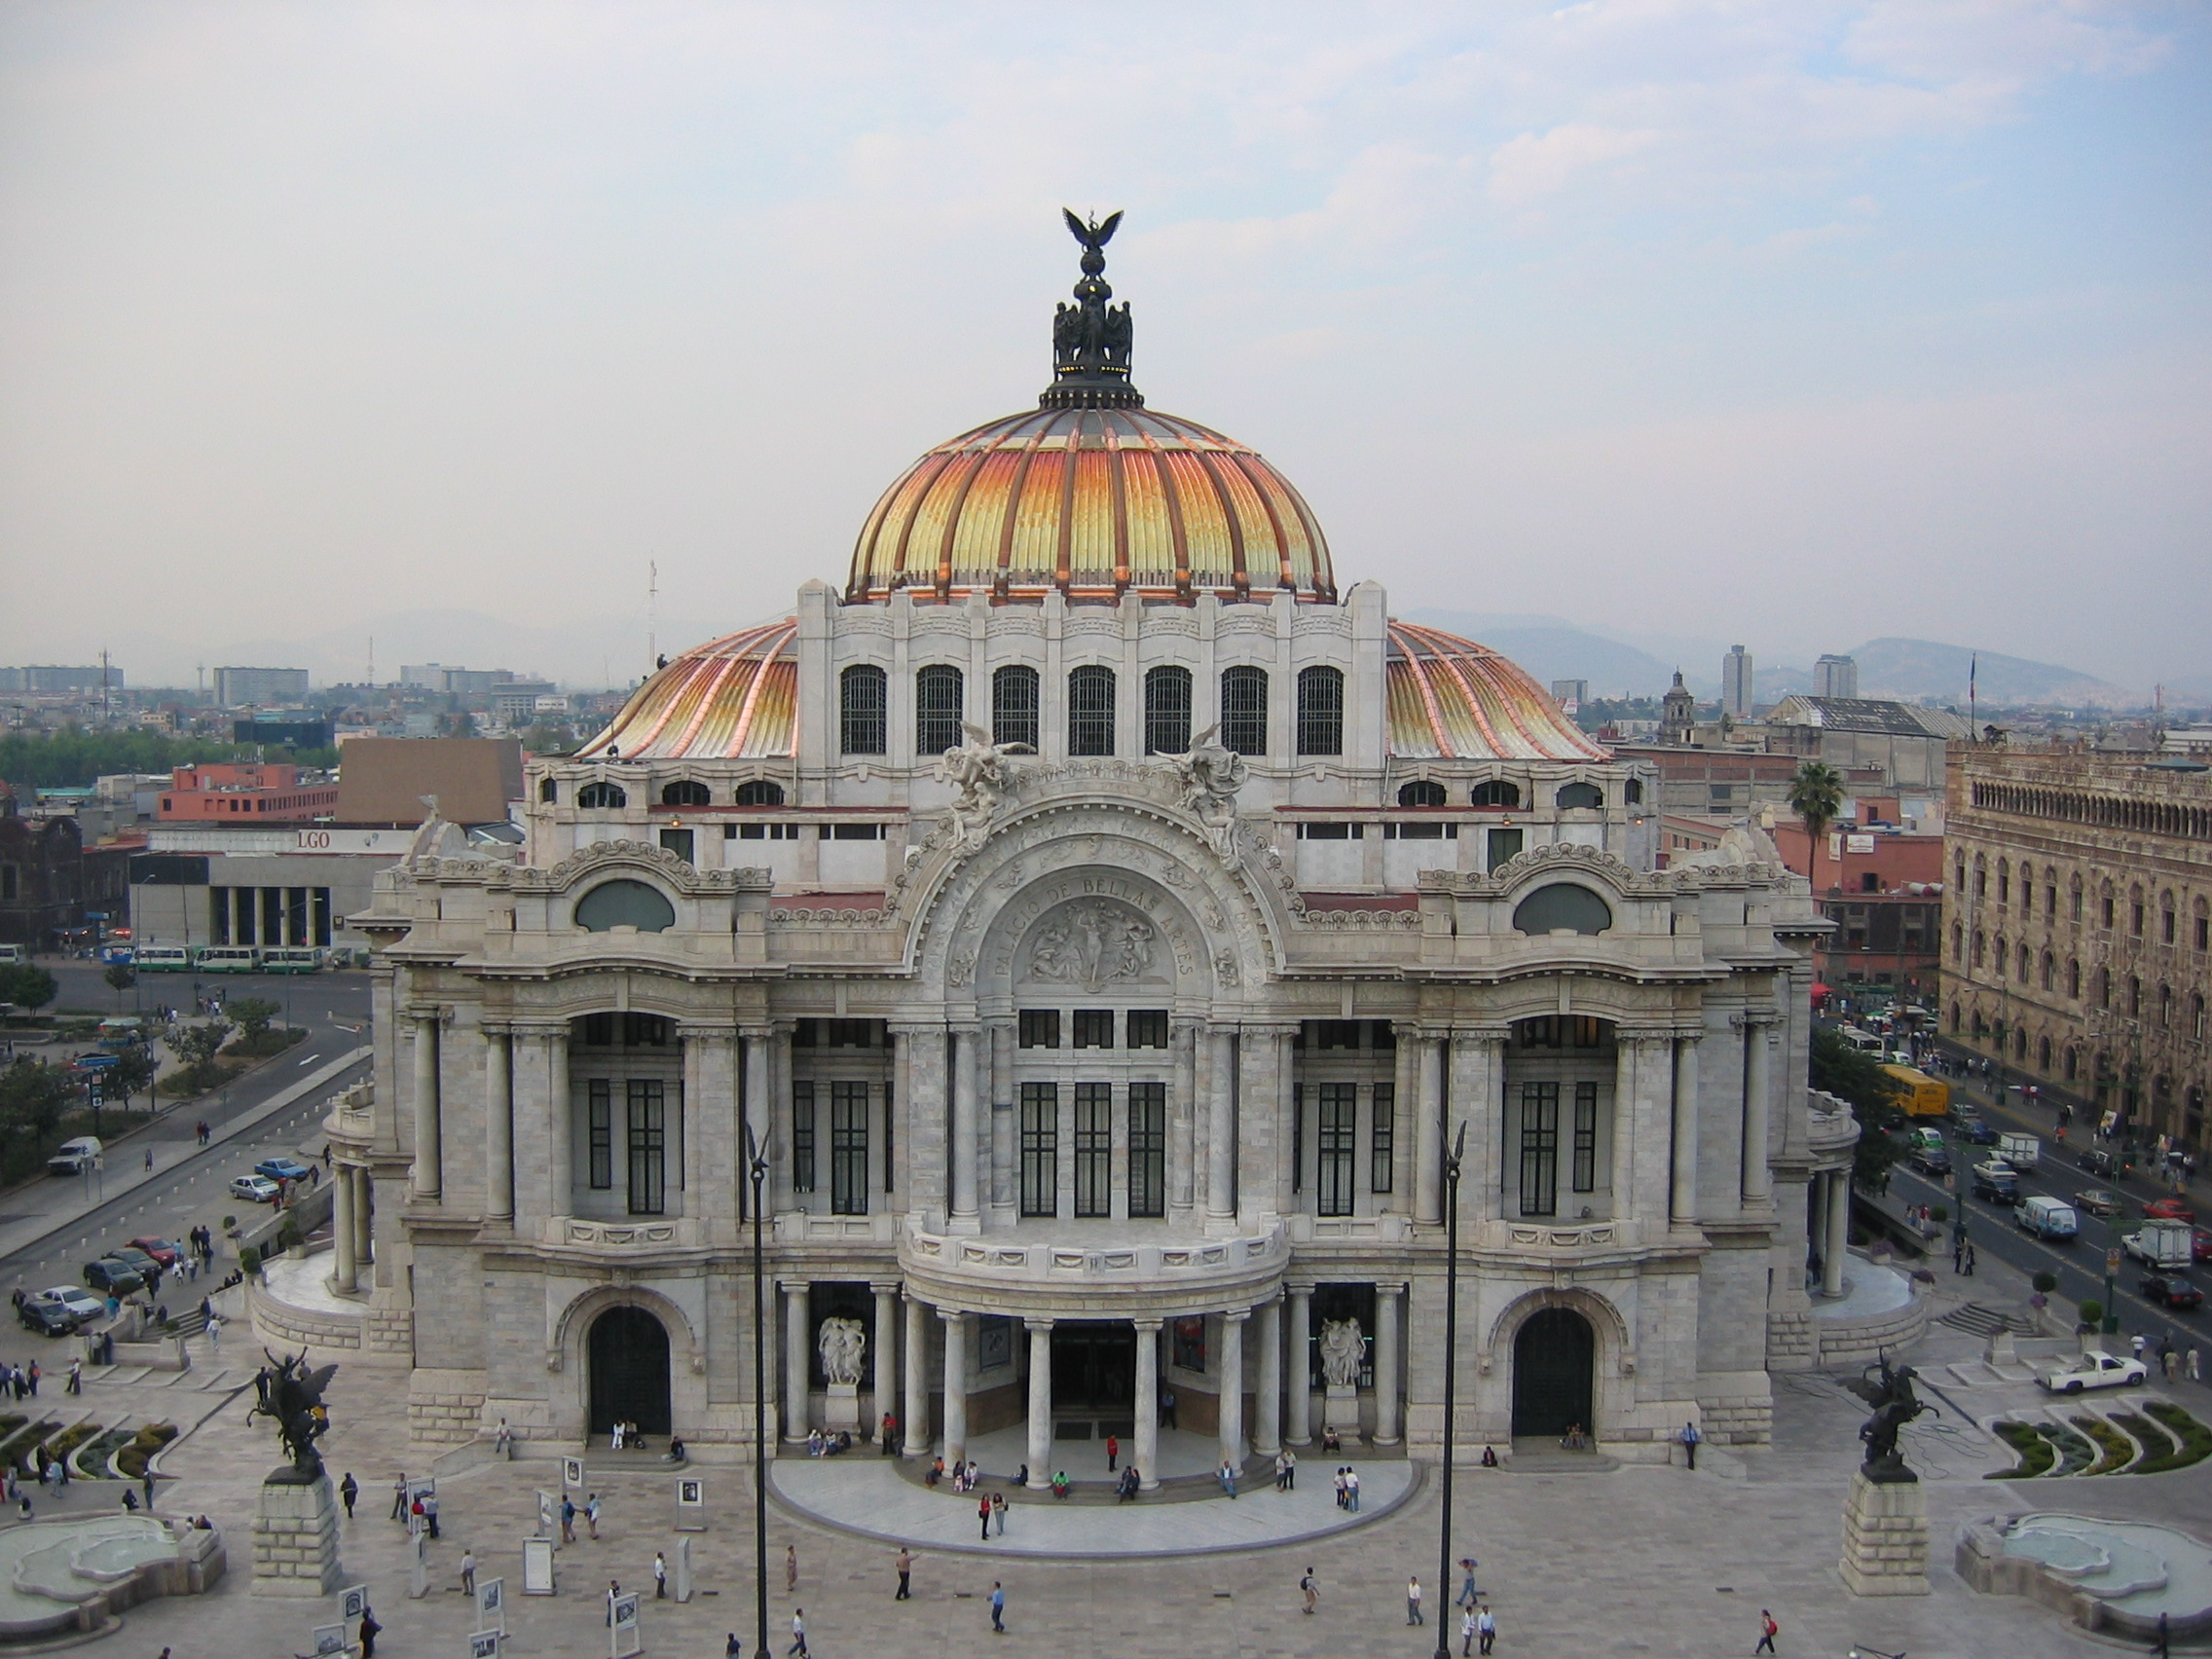 Archivo palacio de bellas artes wikipedia la for Palacio de los azulejos mexico